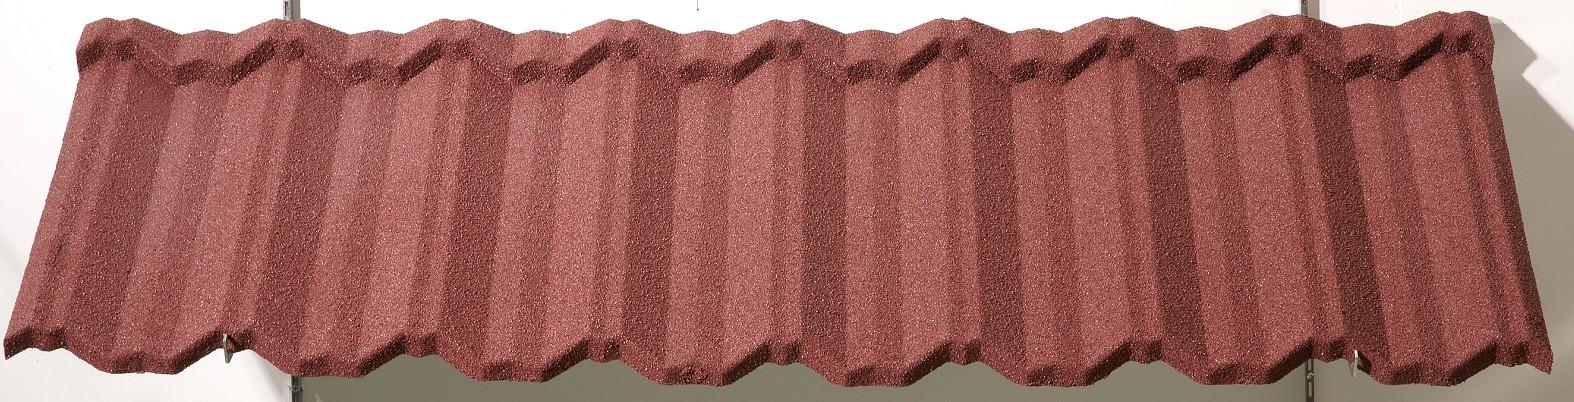 custom waterproof metal roof stone supply for Hotel